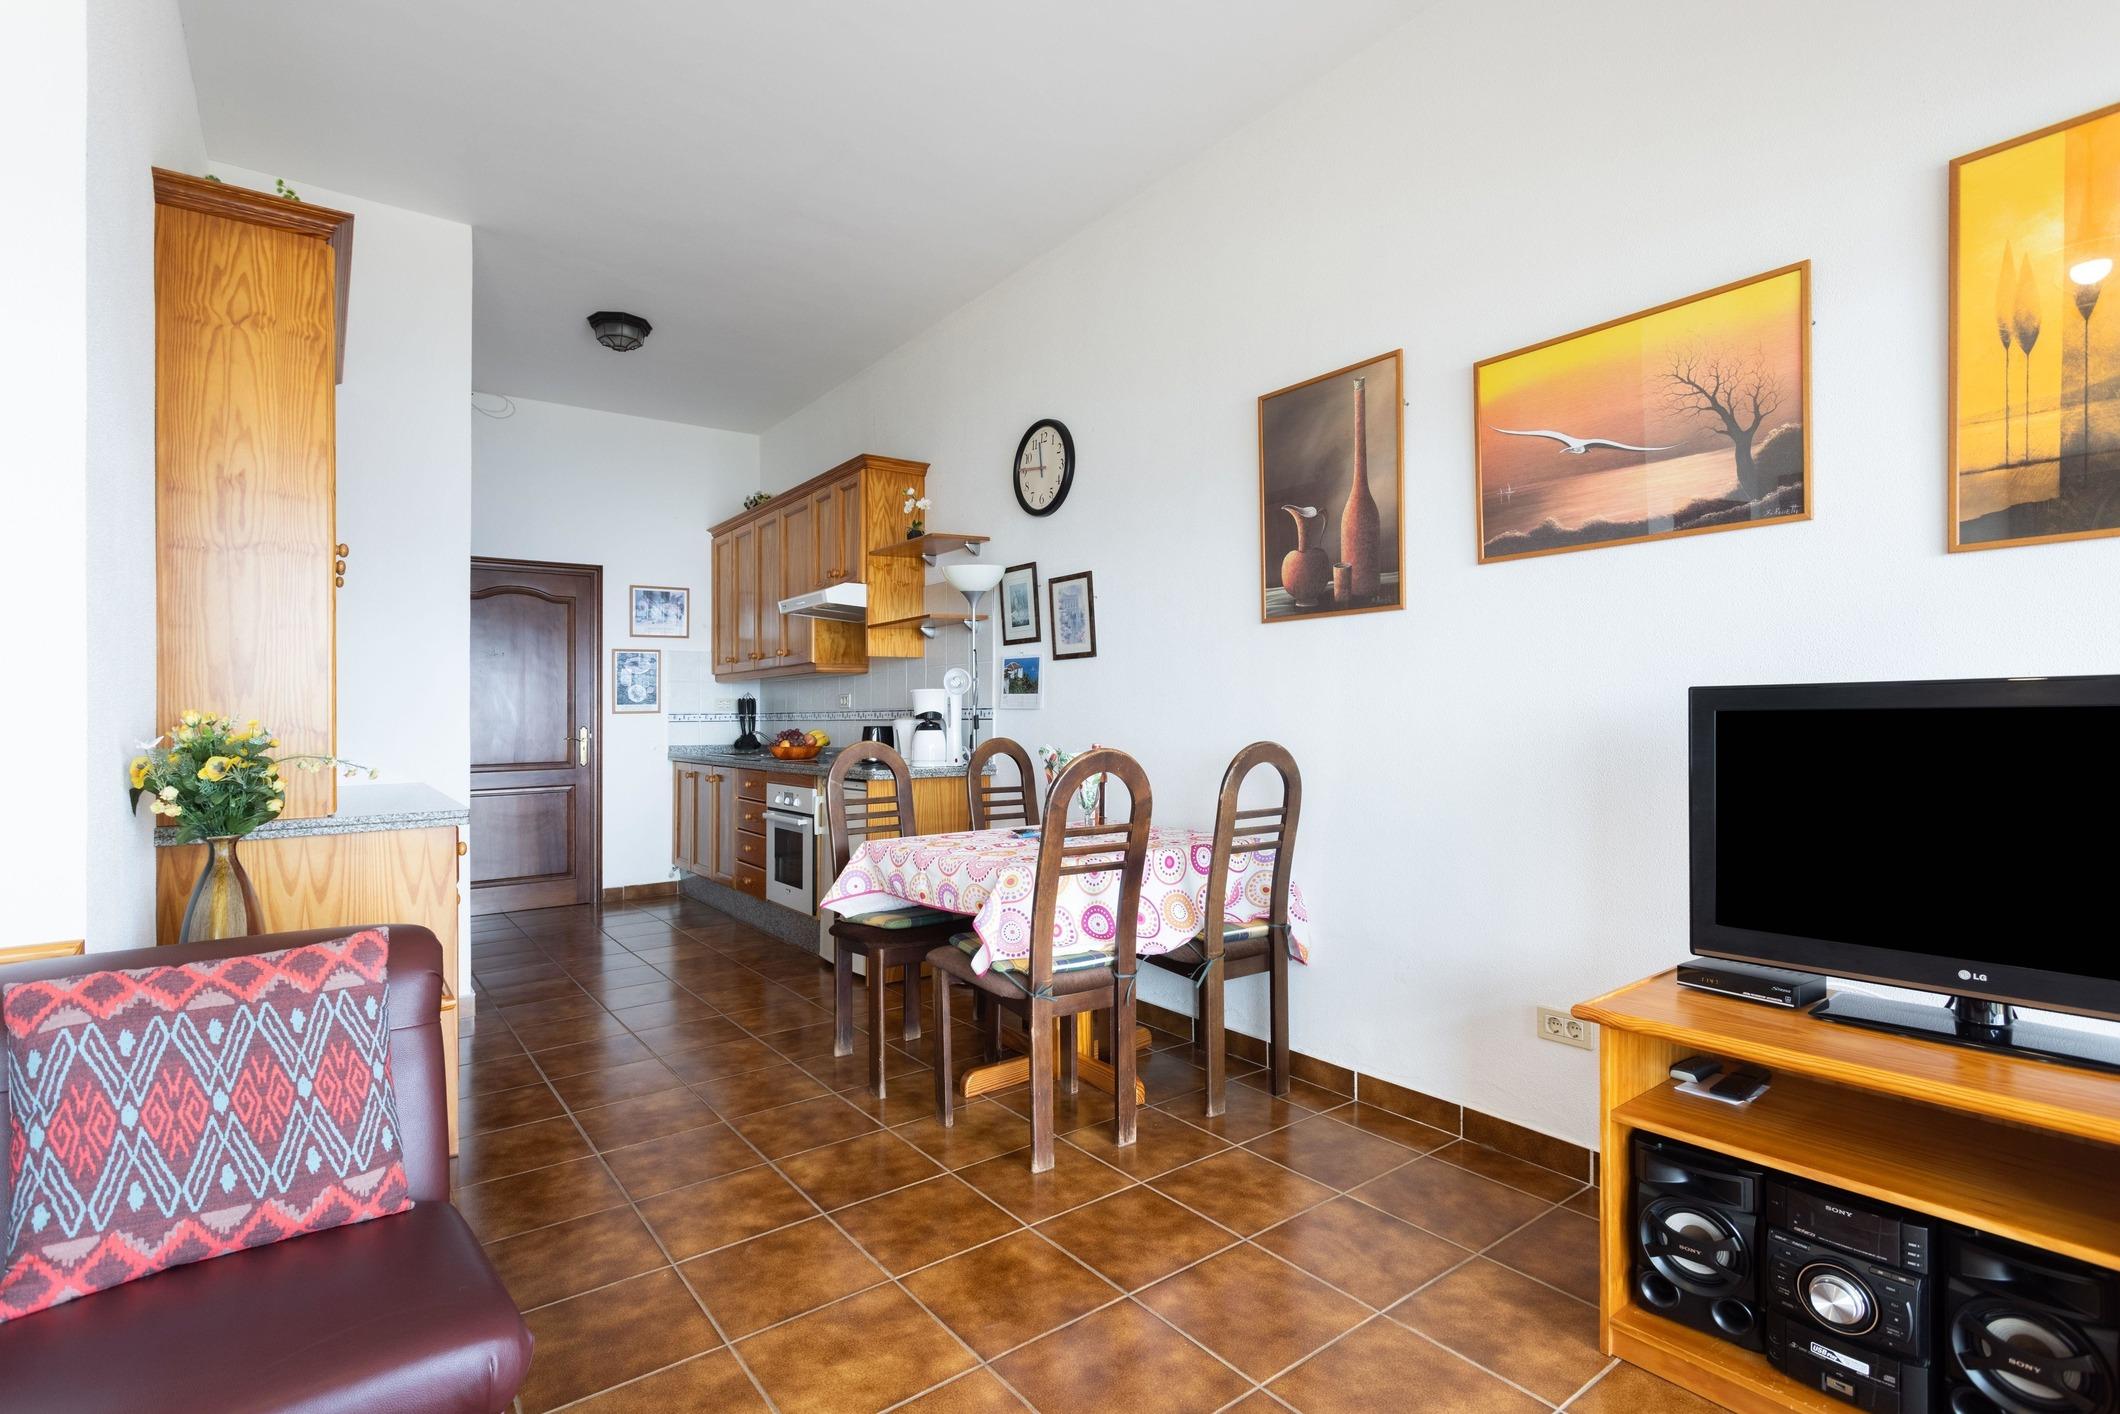 Appartement de vacances Fewo Solymar, mit 2 Schlafzimmern, 2 Bädern, eigener Terrasse und Garten, Meerblick, Pool, (2492986), Santa Ursula, Ténérife, Iles Canaries, Espagne, image 4